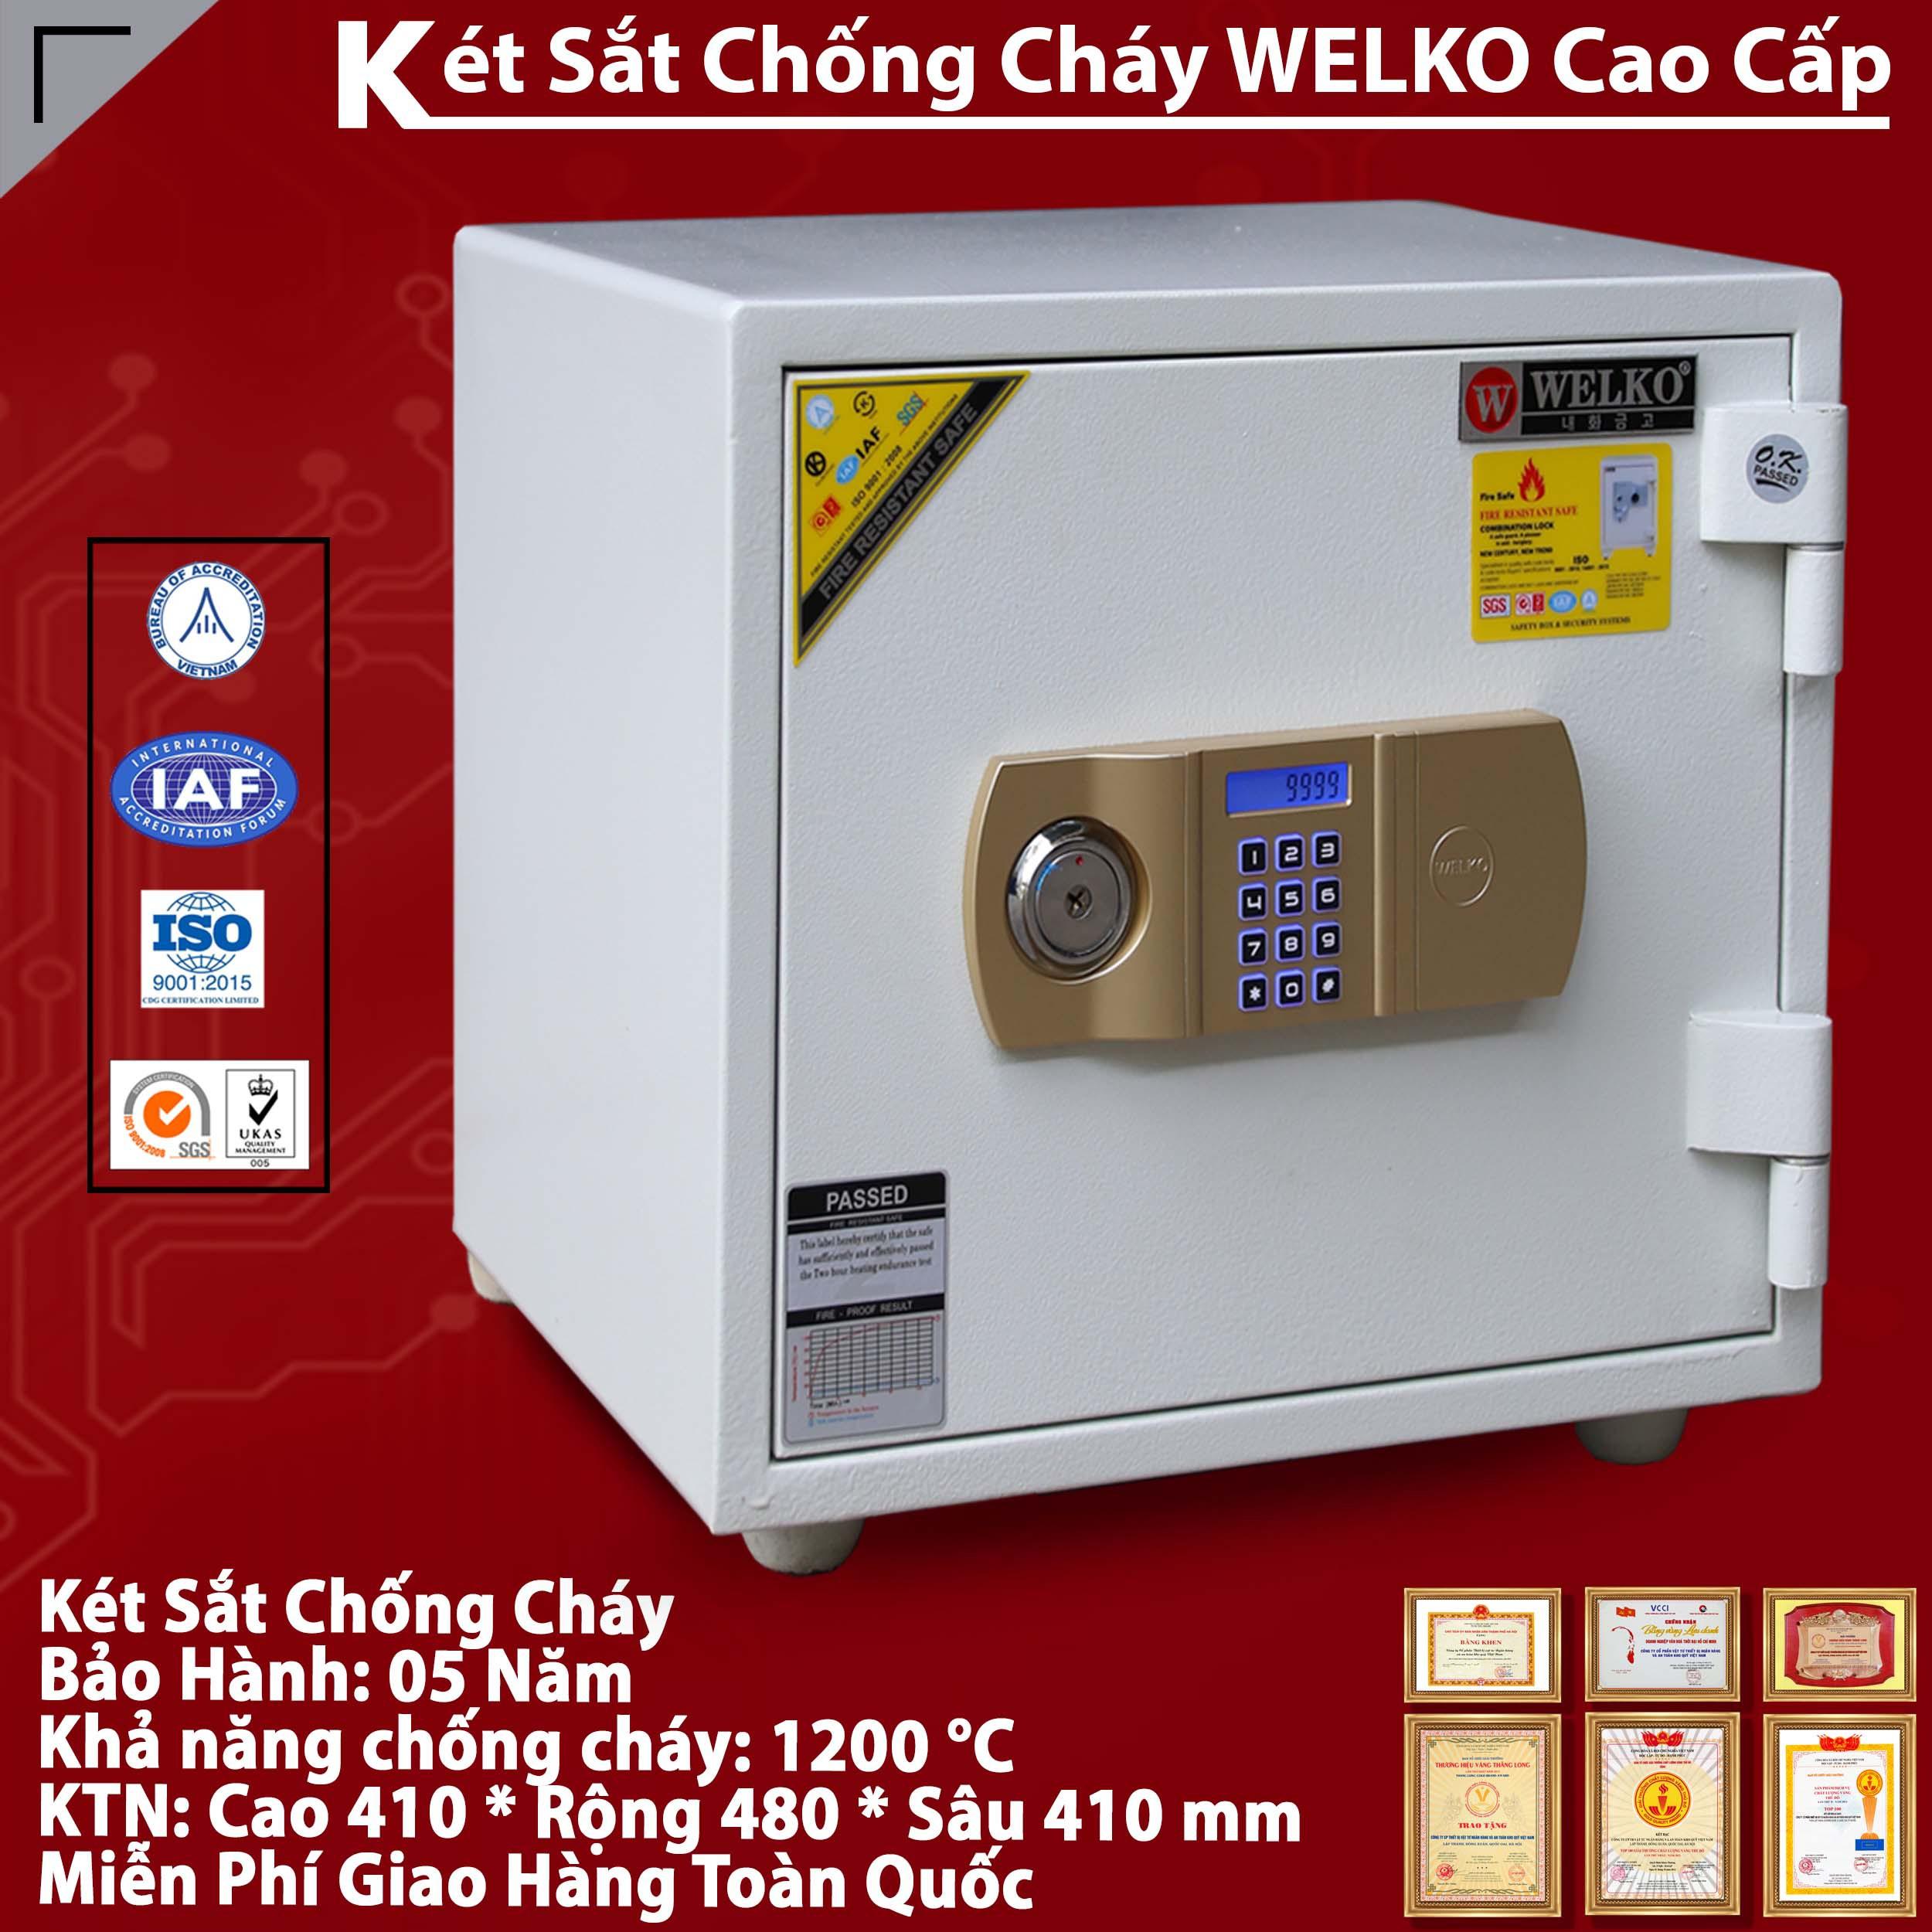 Ket Sat Than Tai Cao Cap Chinh Hang